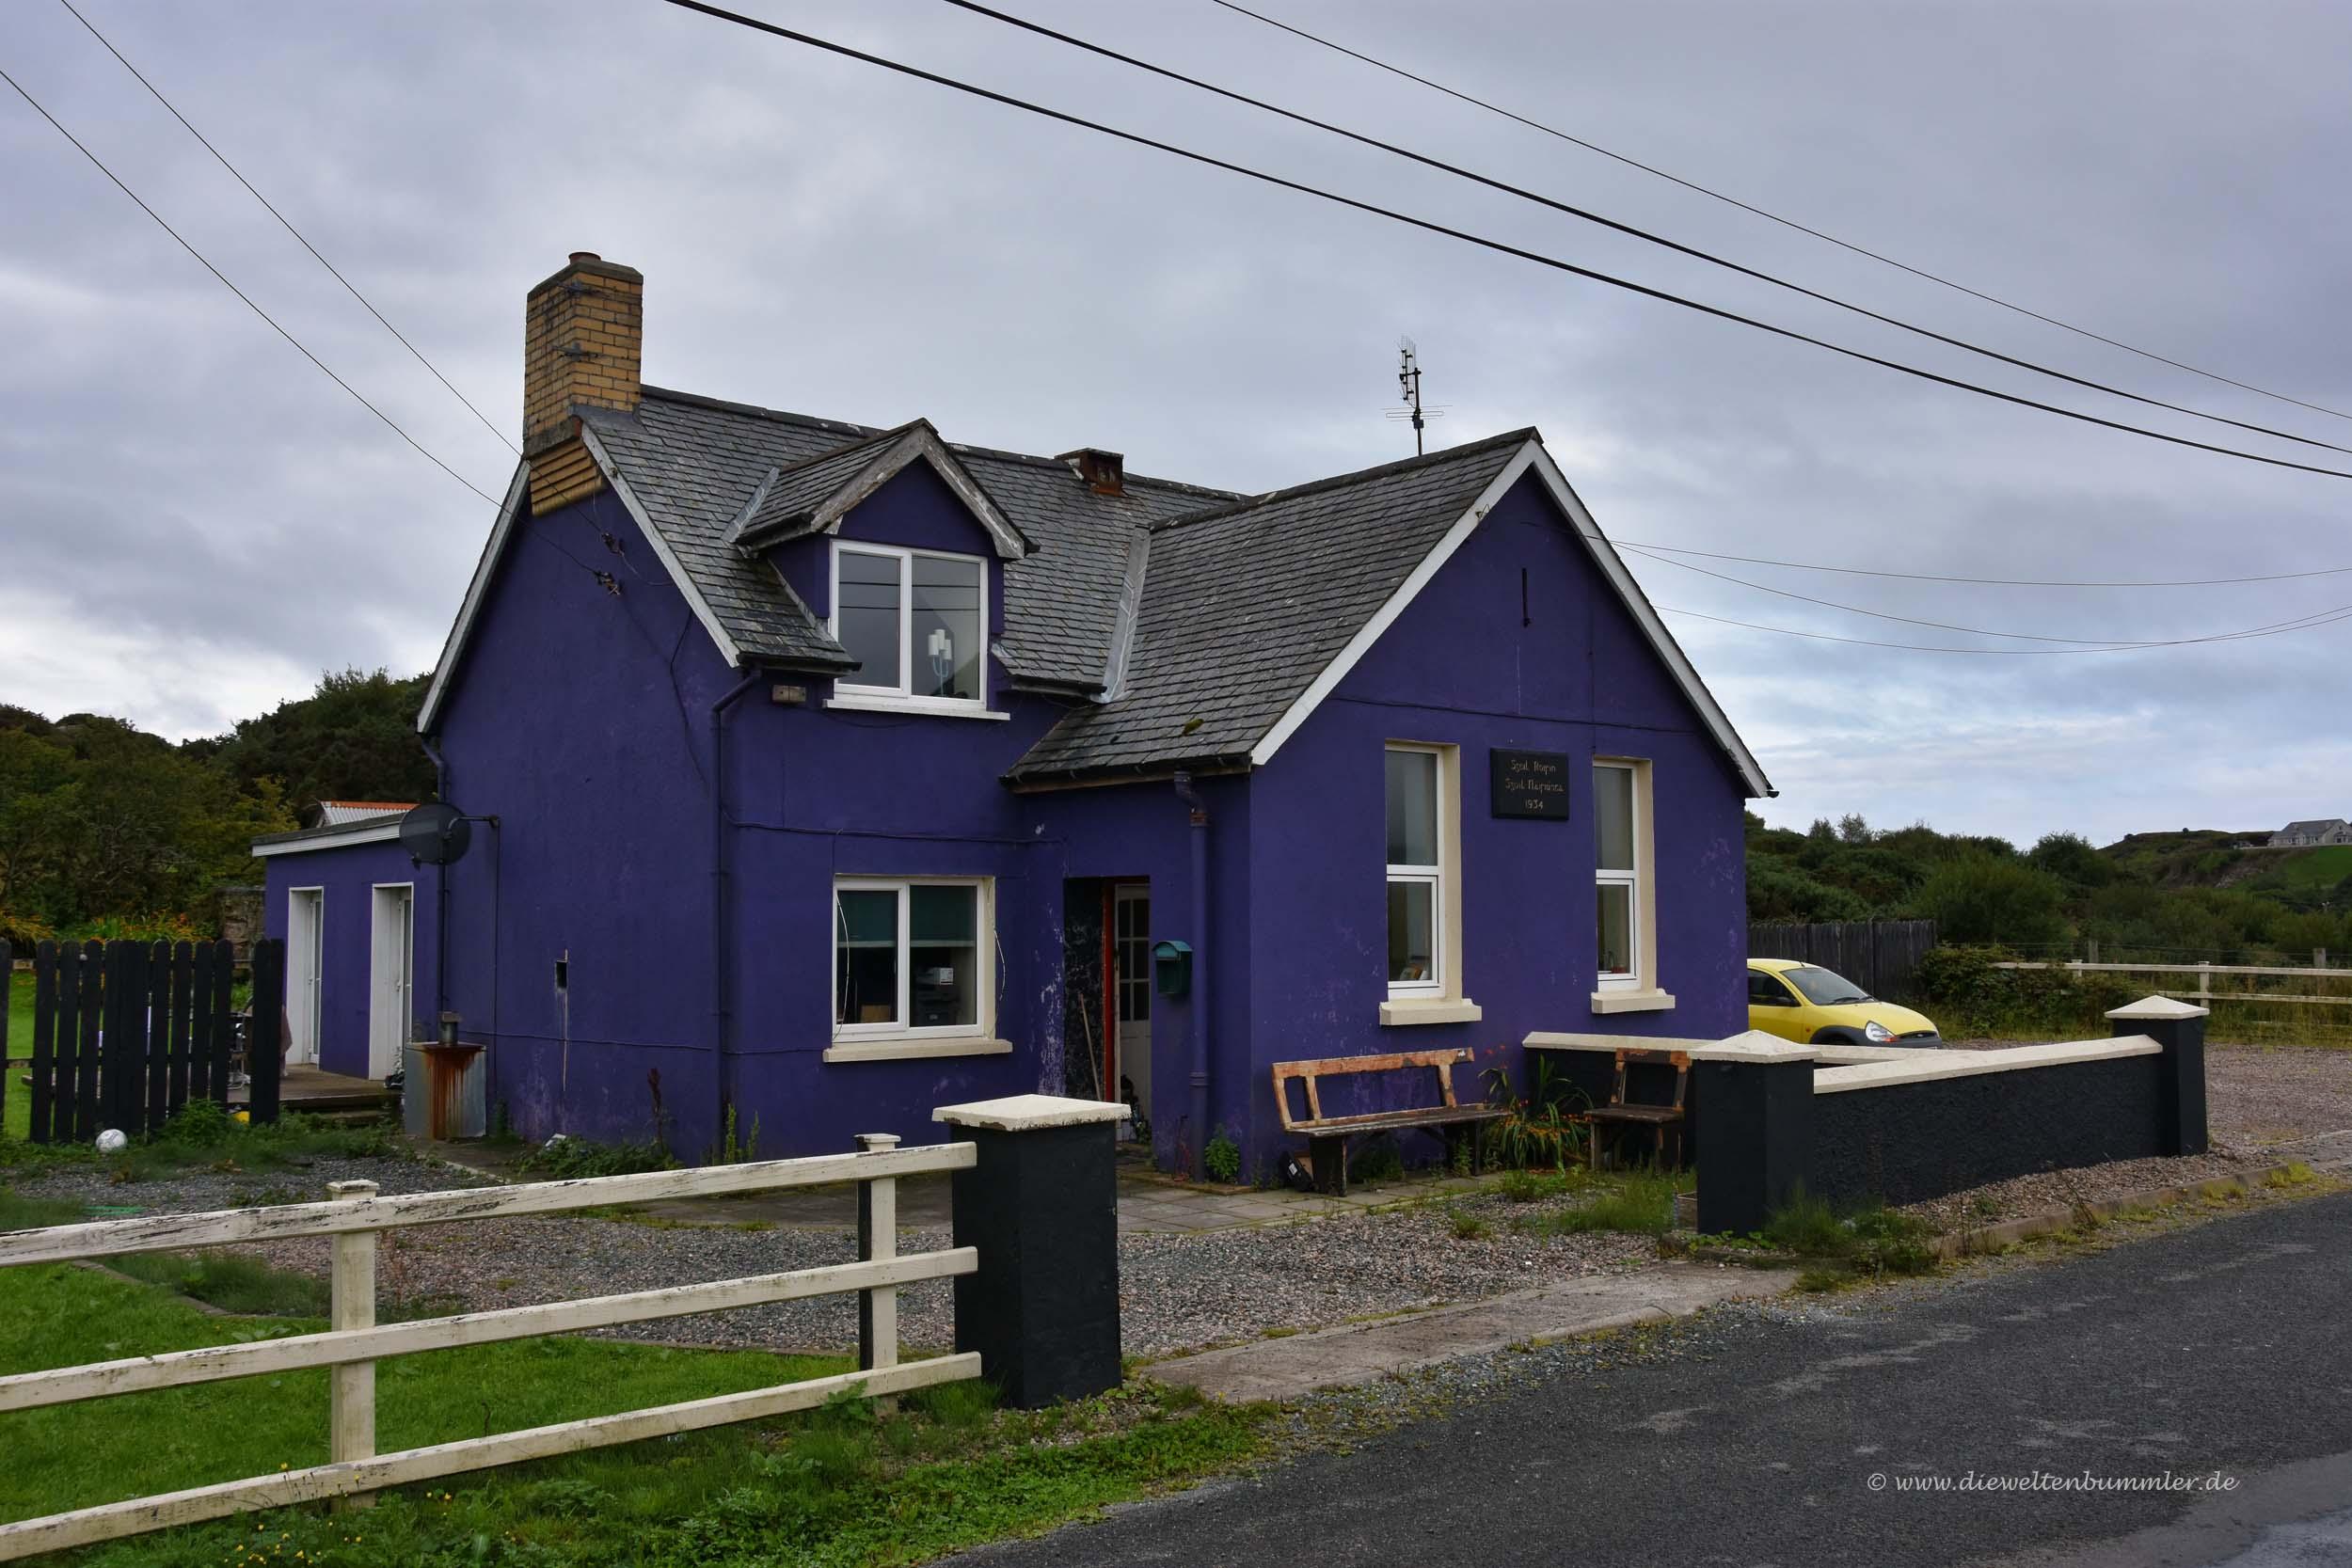 Am lila Haus einmal abbiegen